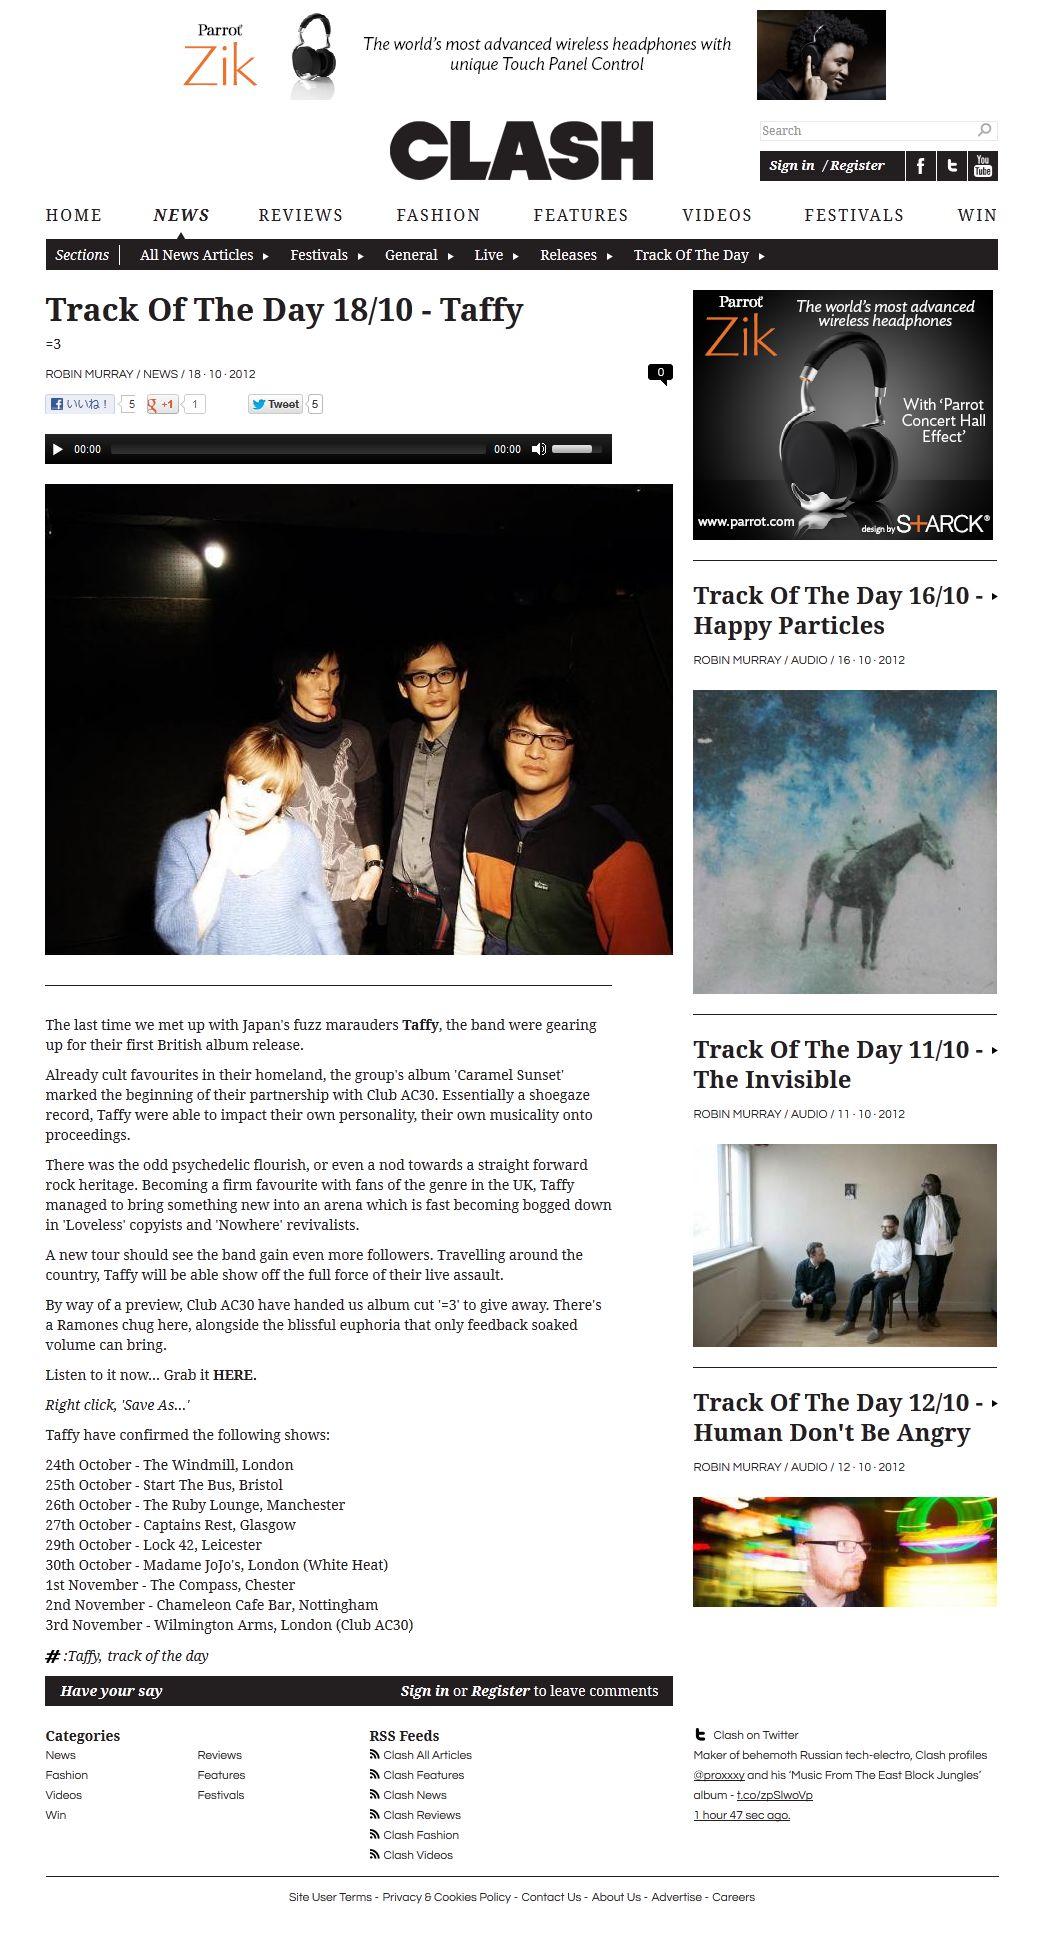 20121017_ClashMagazine_detail.jpg